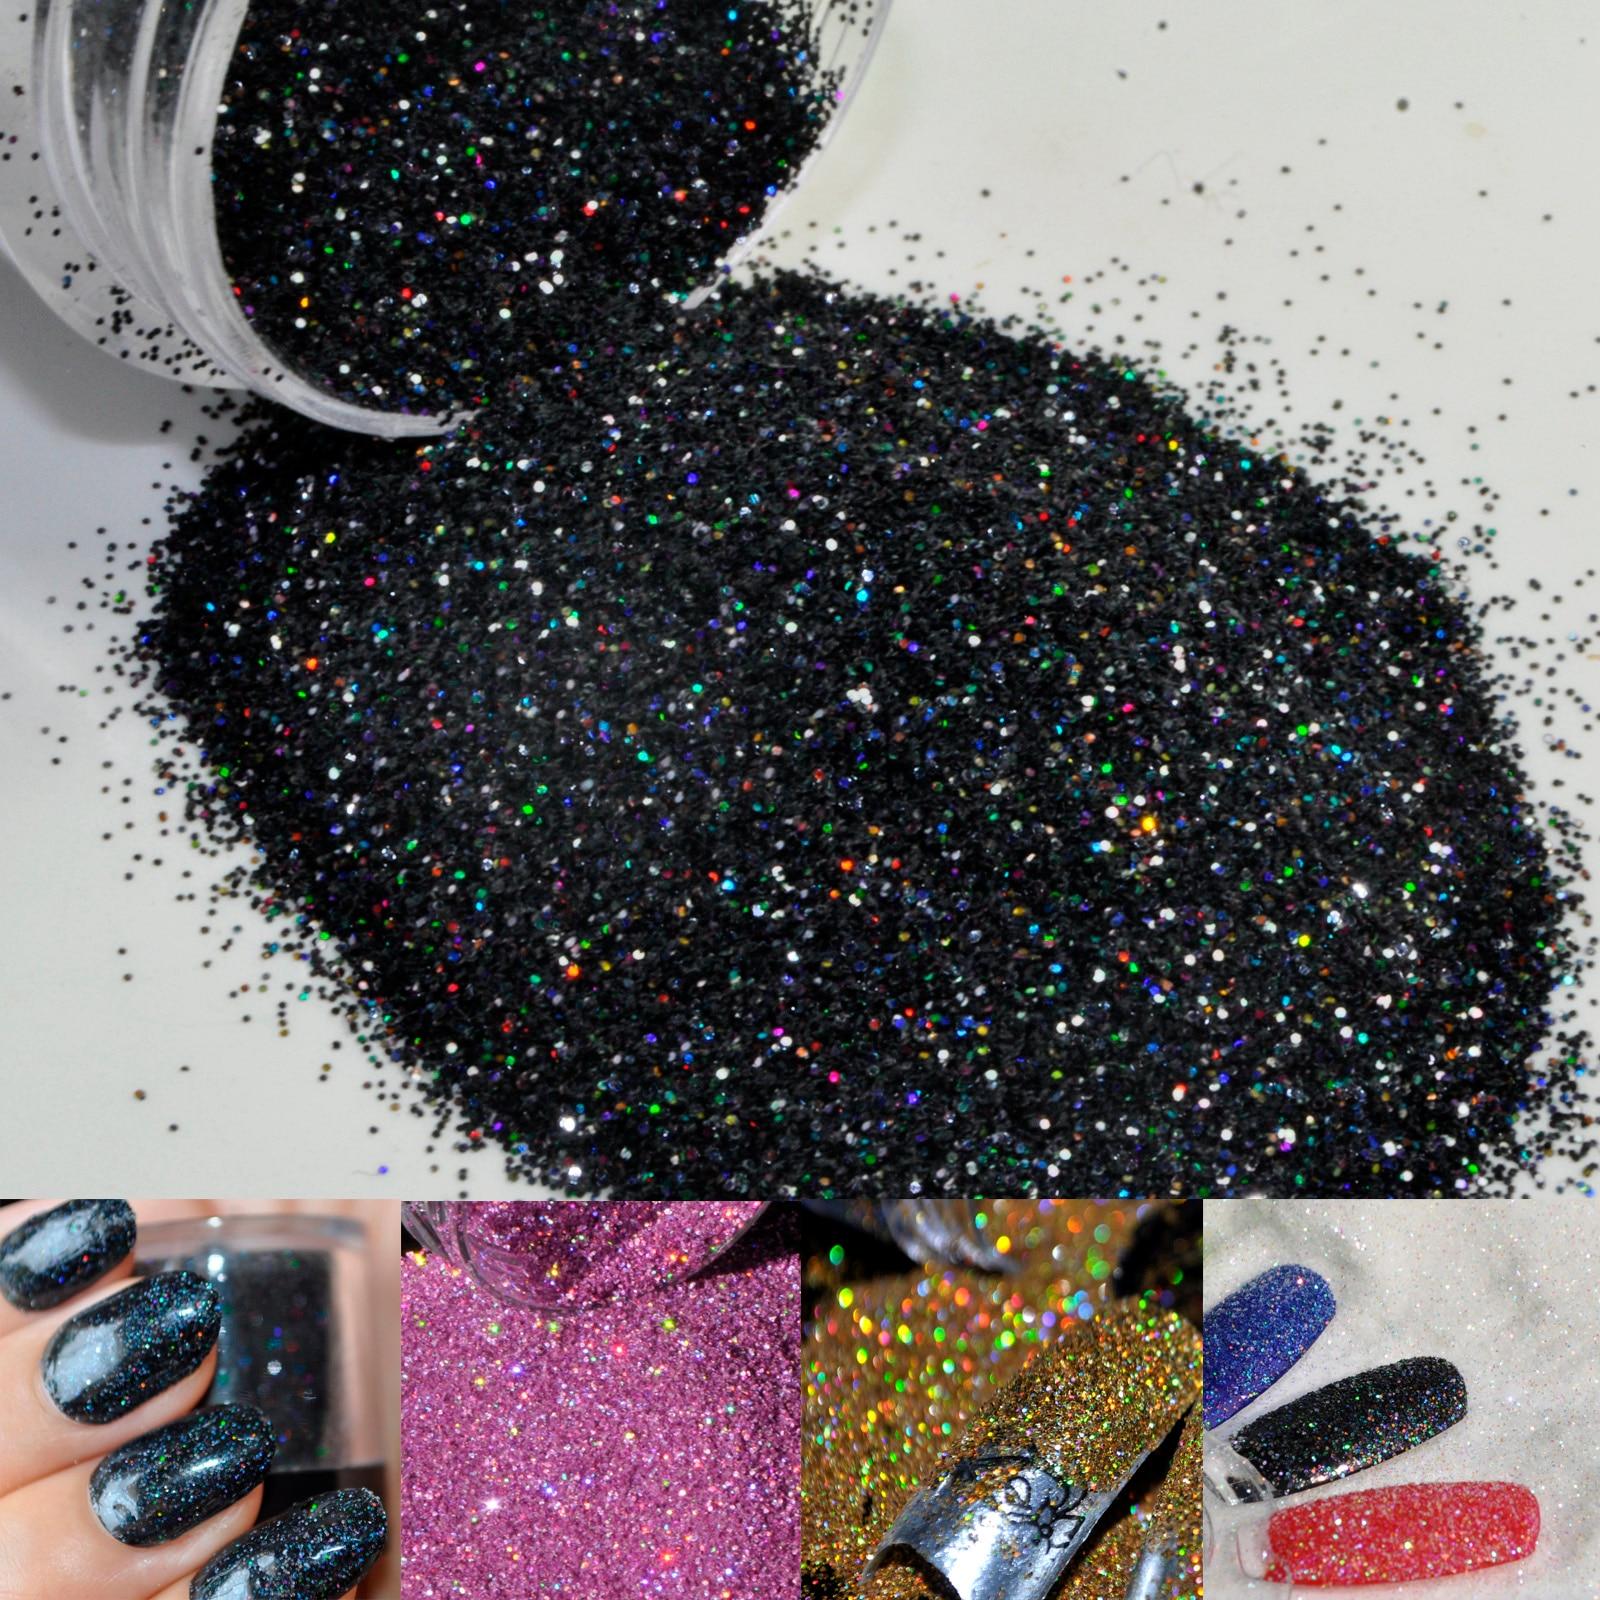 Nails Art & Werkzeuge Strass & Dekorationen Gewissenhaft Schwarz Holographische Glitter Pulver Staub Nail Art Make-up Laser Kleine Glitter Pulver Rosa Gold Glitter Pulver 5,5g